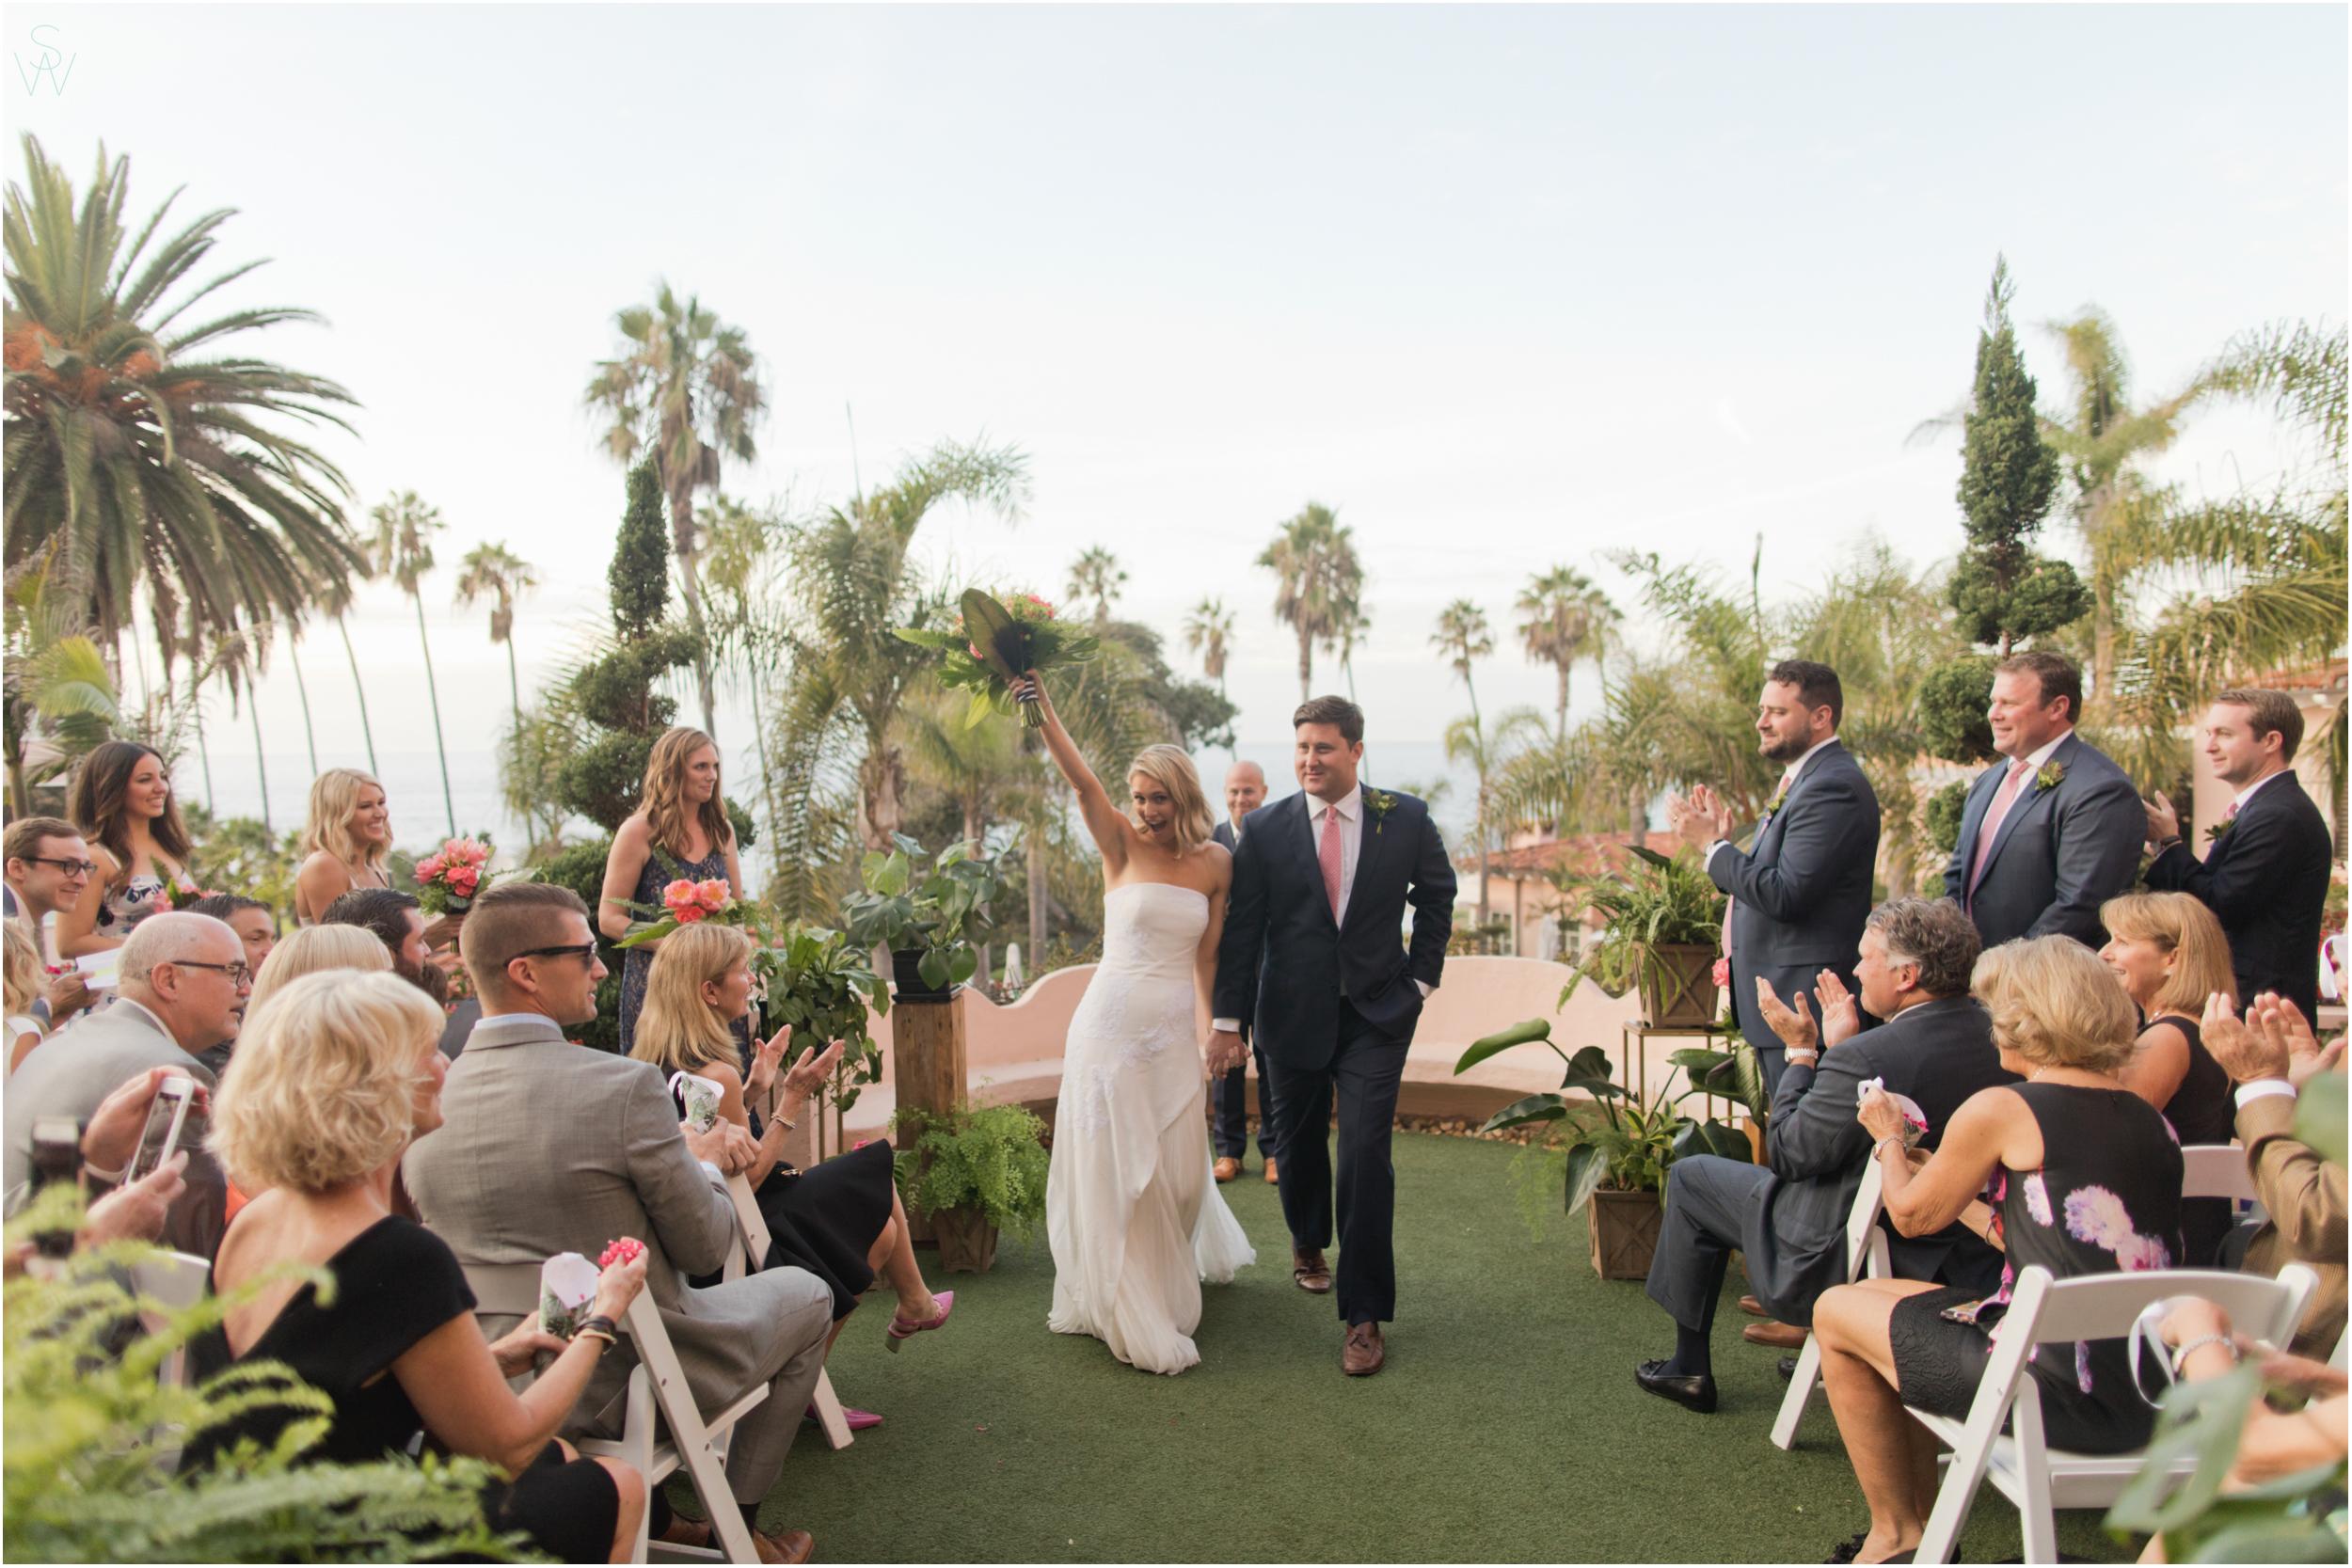 Colleen.Kyle20190122Shewanders.granddelmar.wedding 0480.jpg